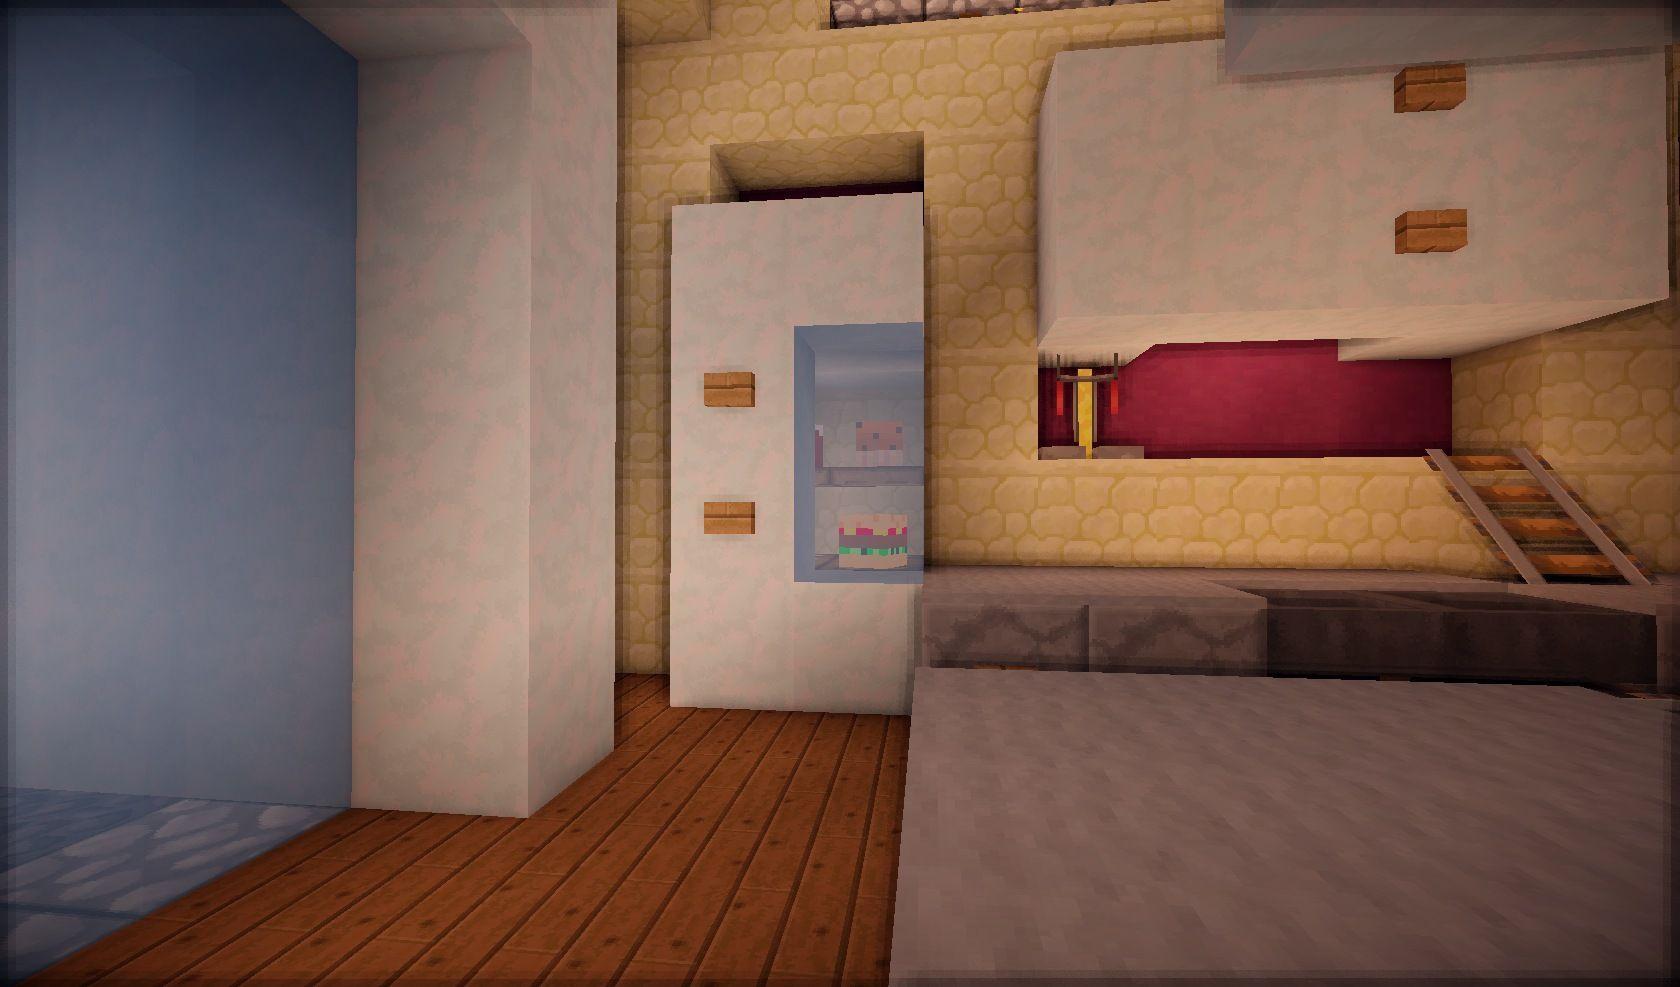 Kitchen Minecraft furniture, Furniture, Minecraft house